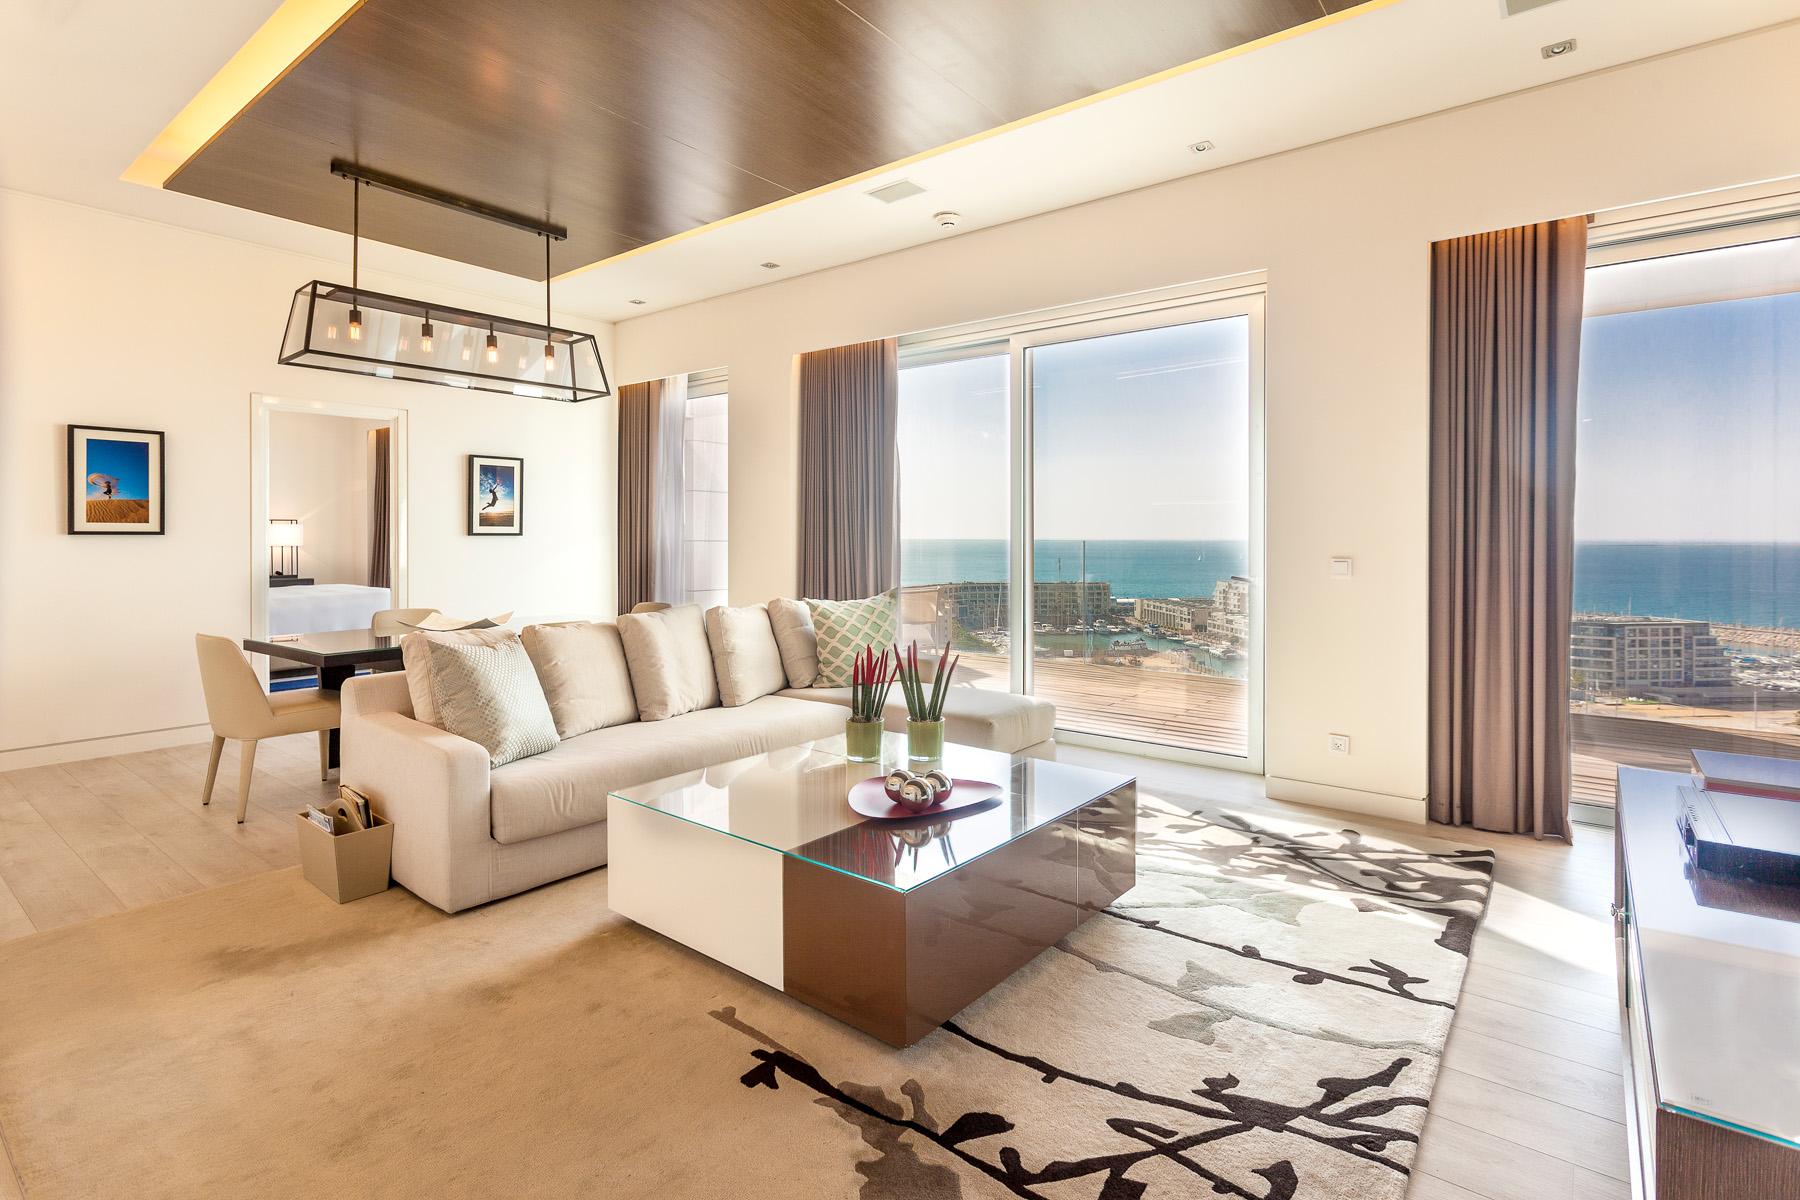 Wohnung für Verkauf beim Ritz-Carlton Residences Herzliya Apartment Herzliya, Israel Israel